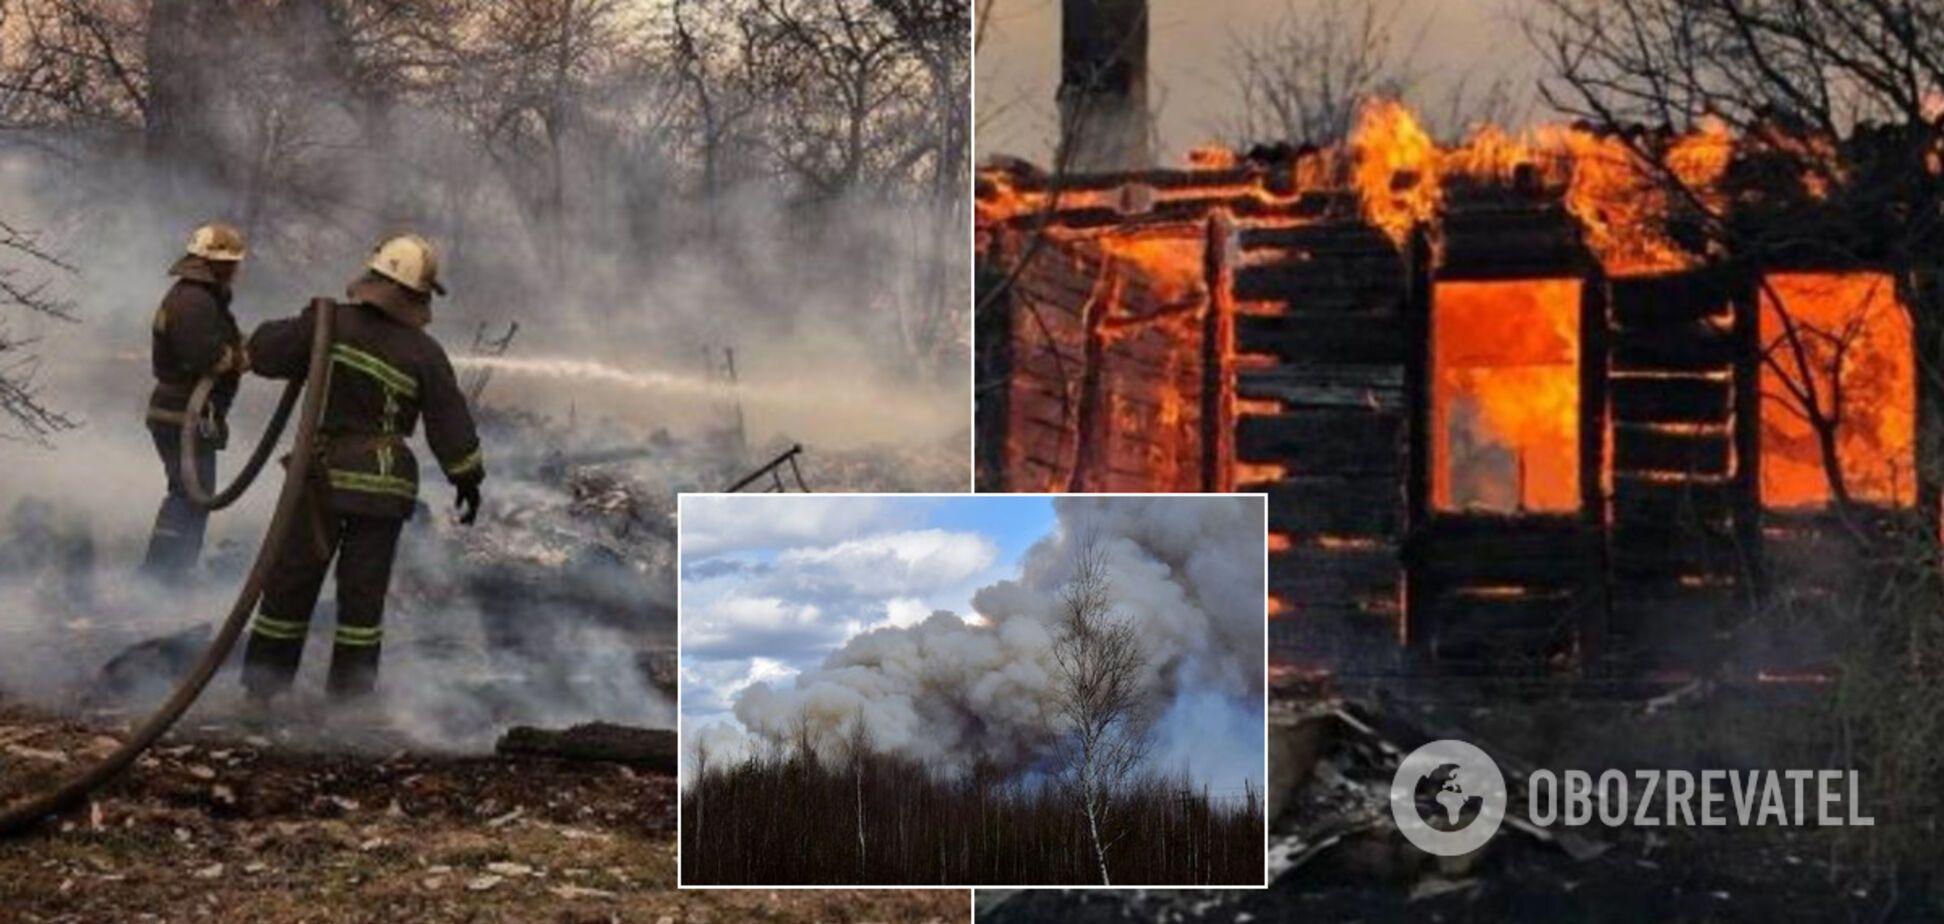 Пожары на Житомирщине: в ОГА рассказали, как помогут погорельцам